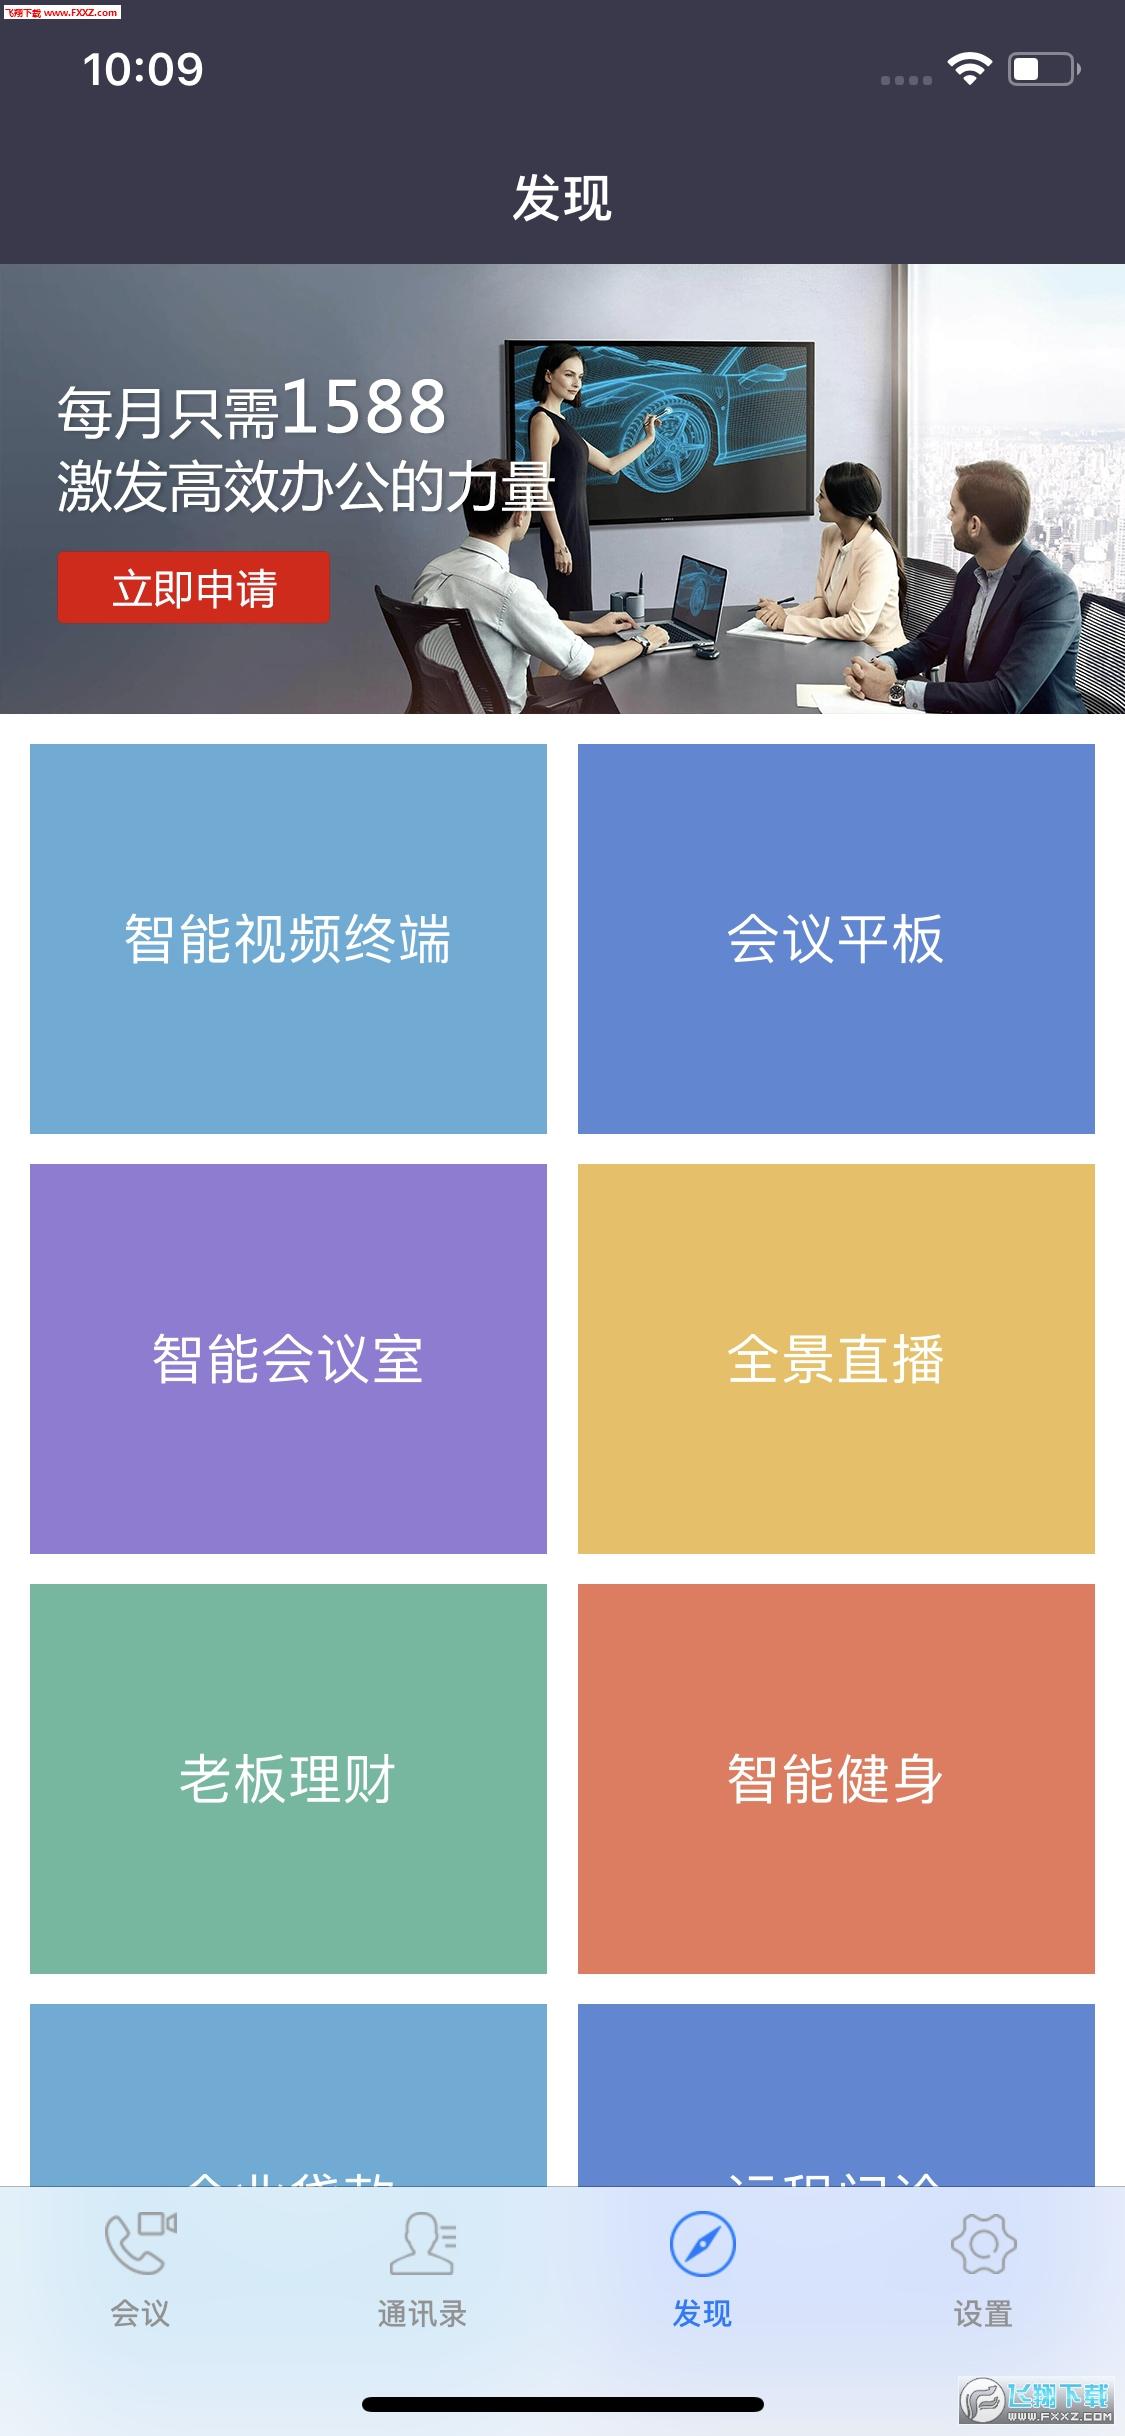 开会宝云会议安卓版v2.3.8截图1